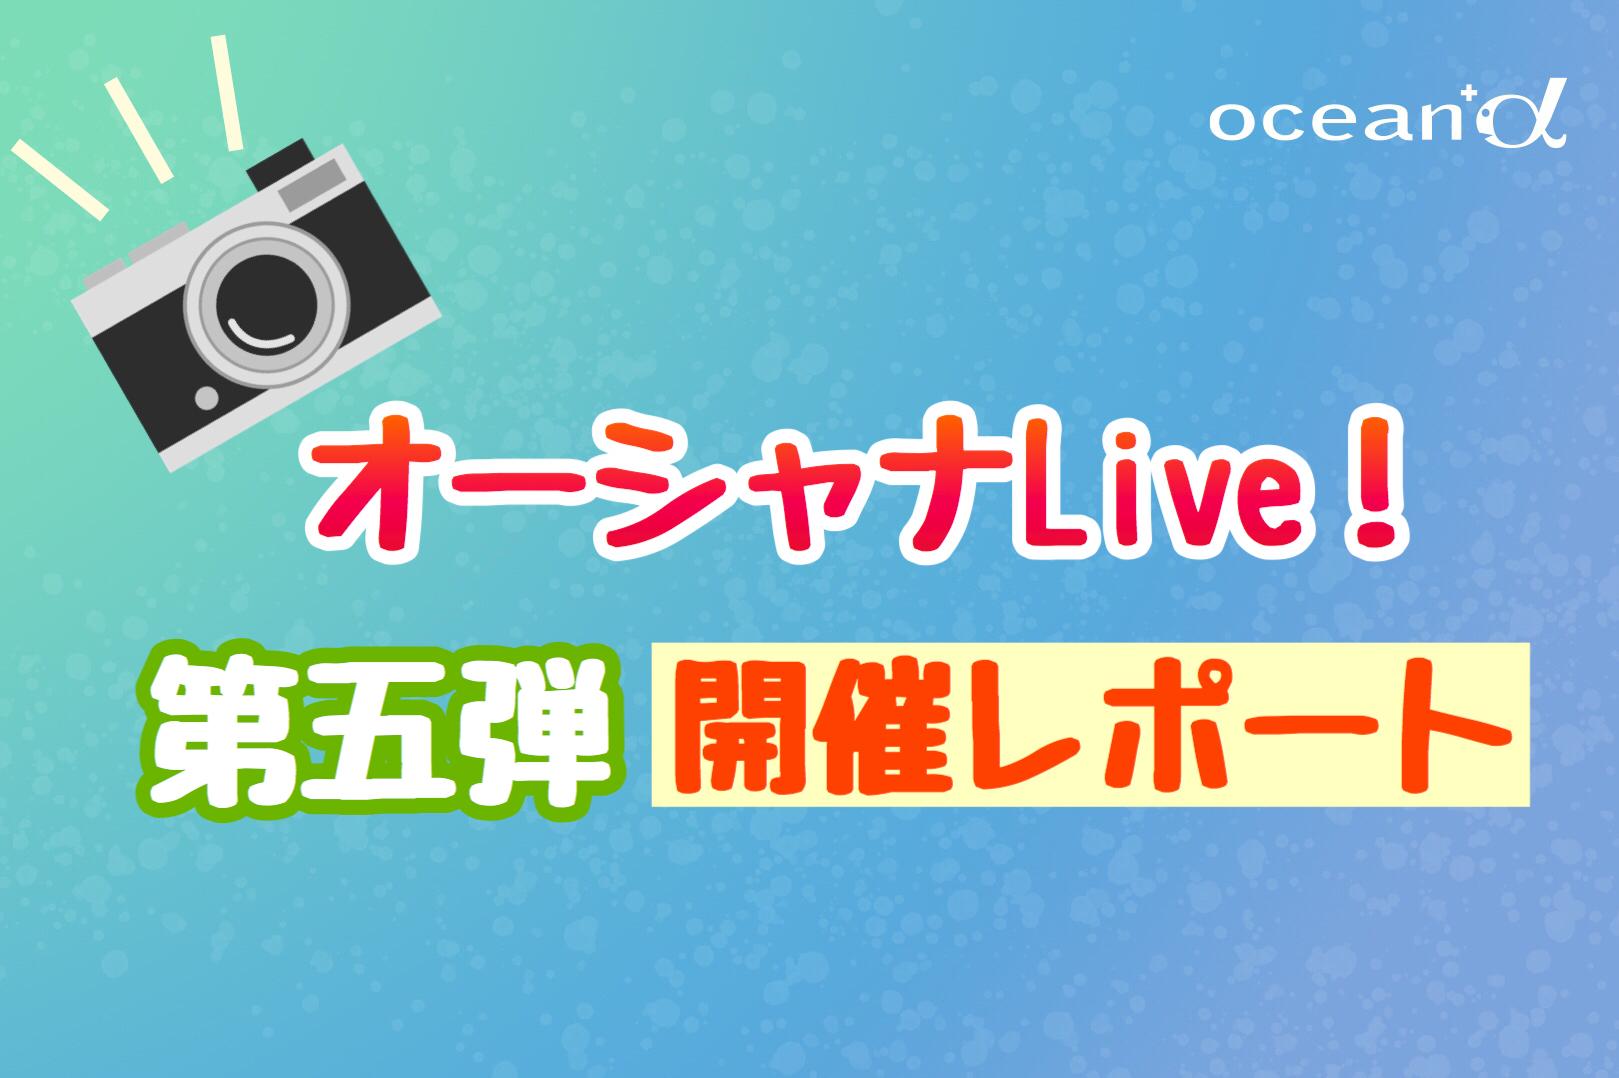 【オーシャナLive!】第五弾開催レポート☆